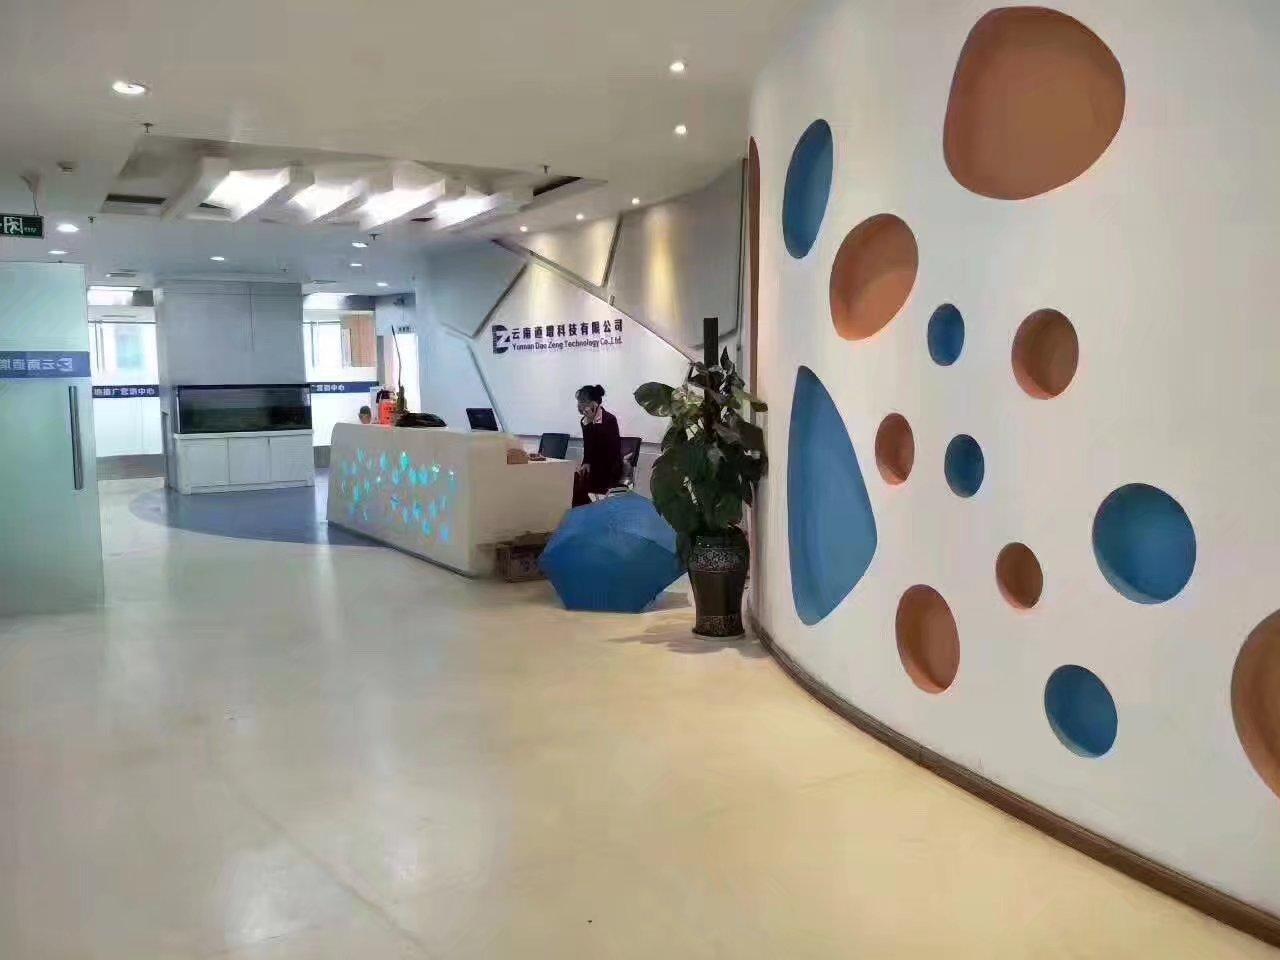 恭喜富海云南代理商服务中心乔迁之喜